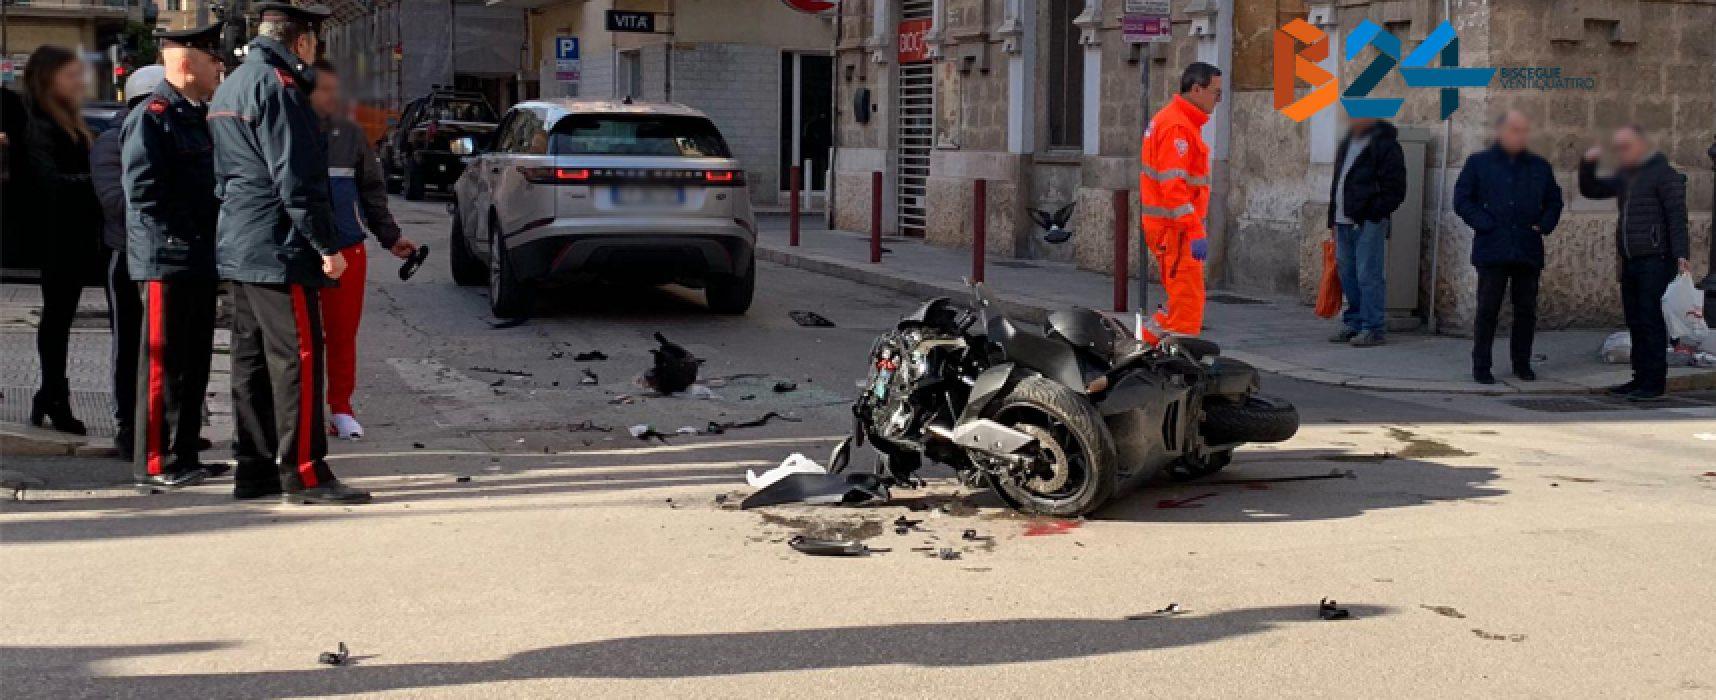 Scontro auto-moto in via Piave, due minorenni al pronto soccorso / FOTO